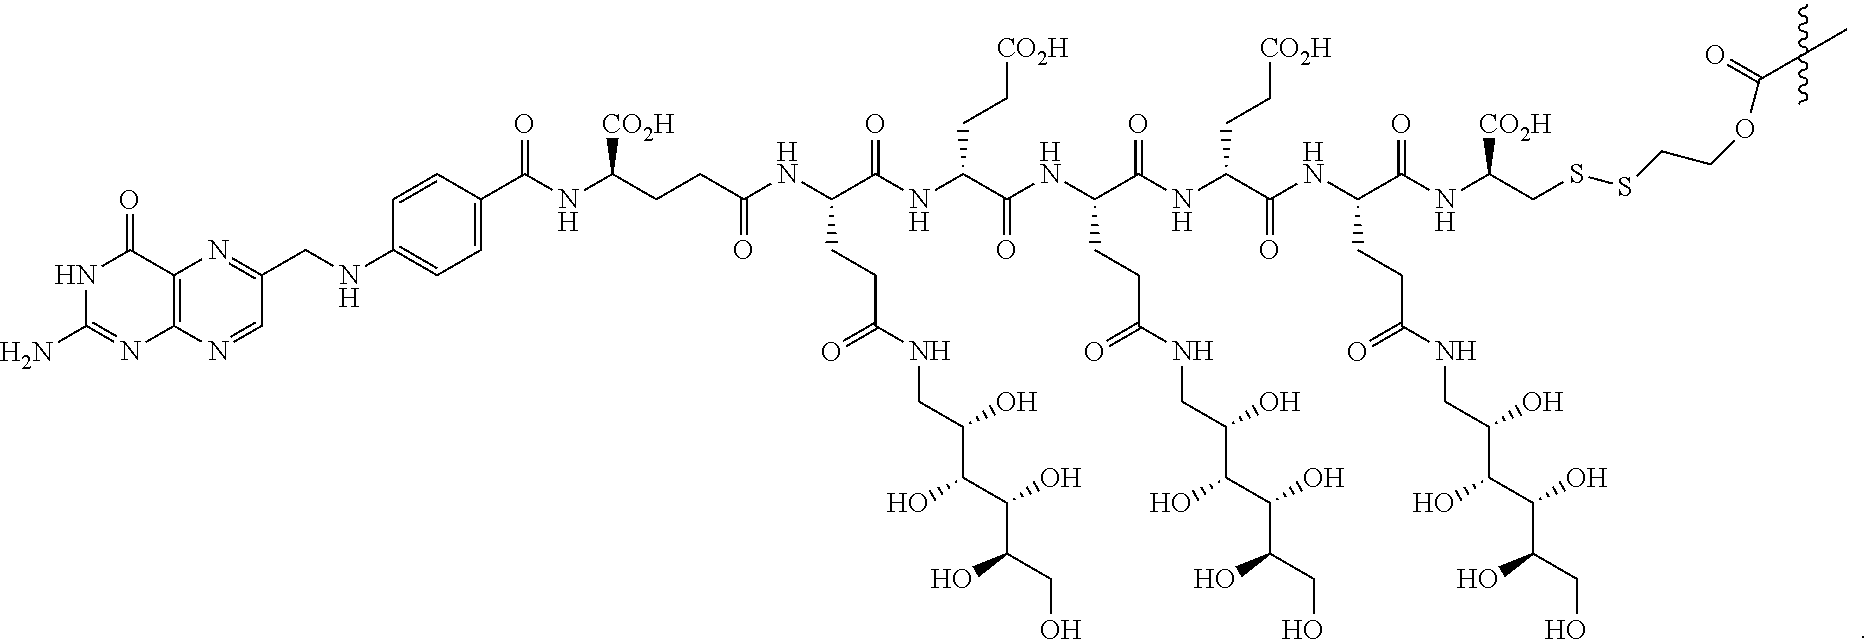 Figure US09662402-20170530-C00022